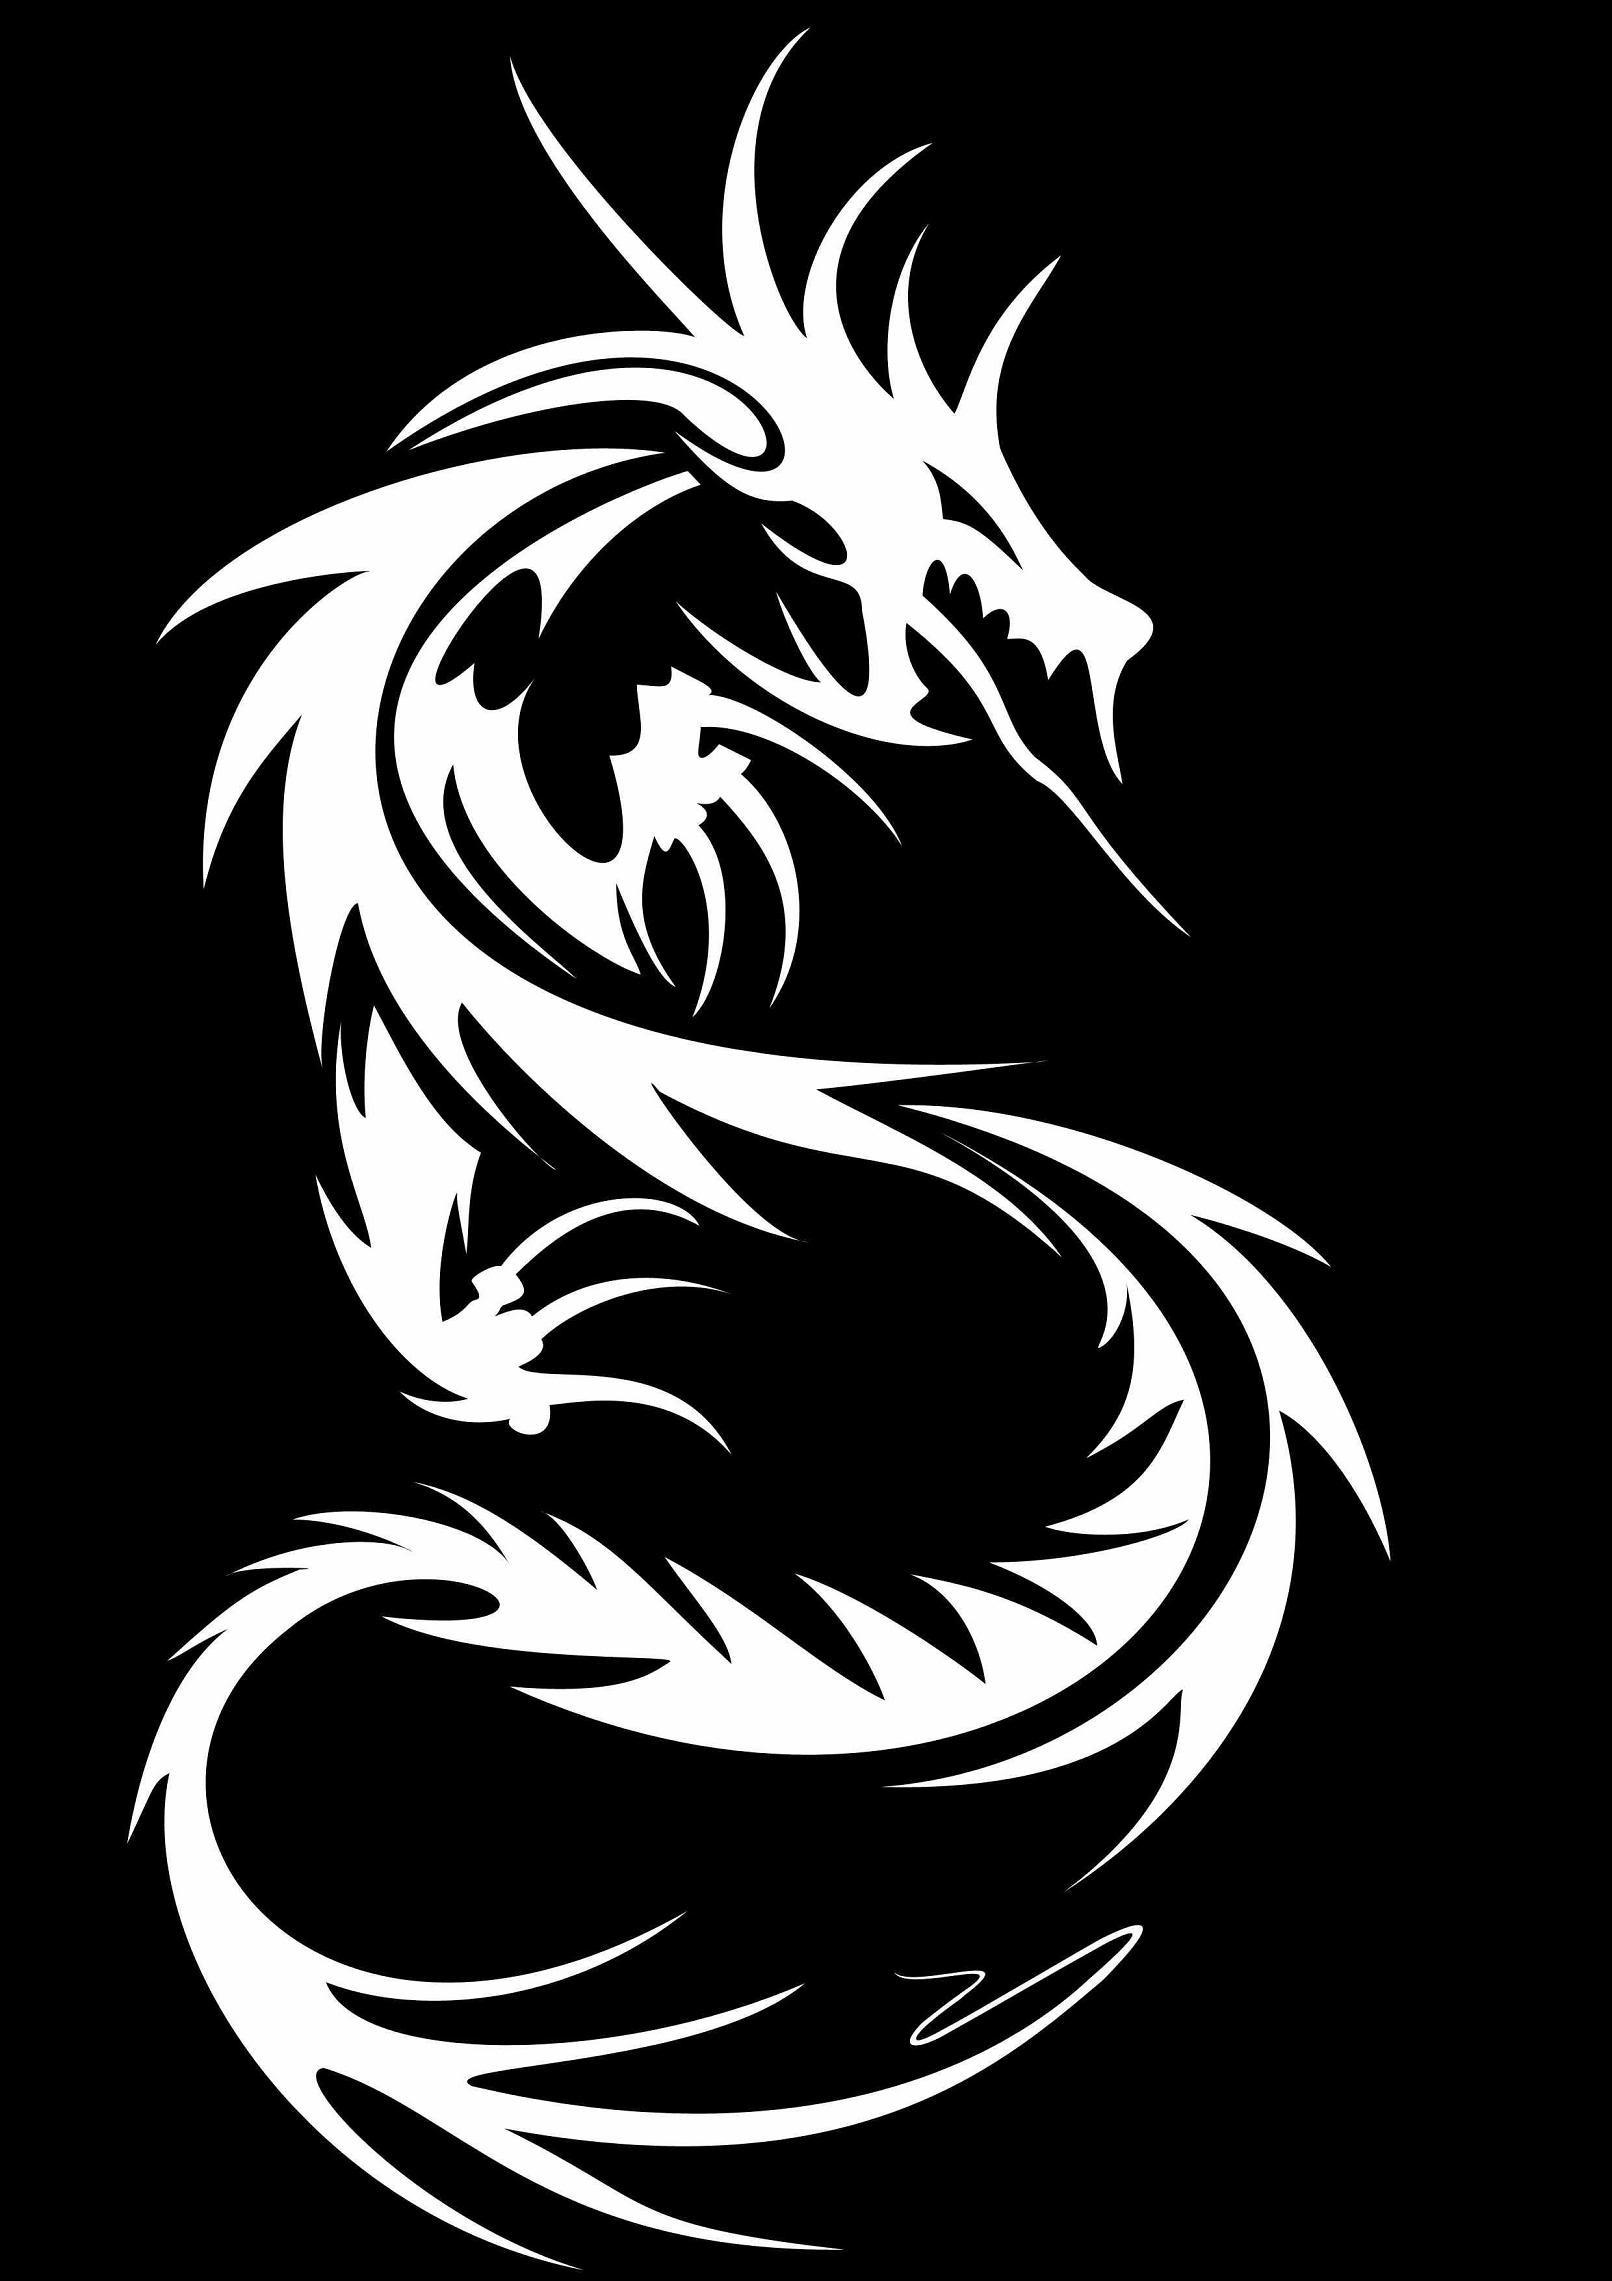 1920x1080 Epic Black Dragon Wallpaper HD Wallpapers Px 24486 KB